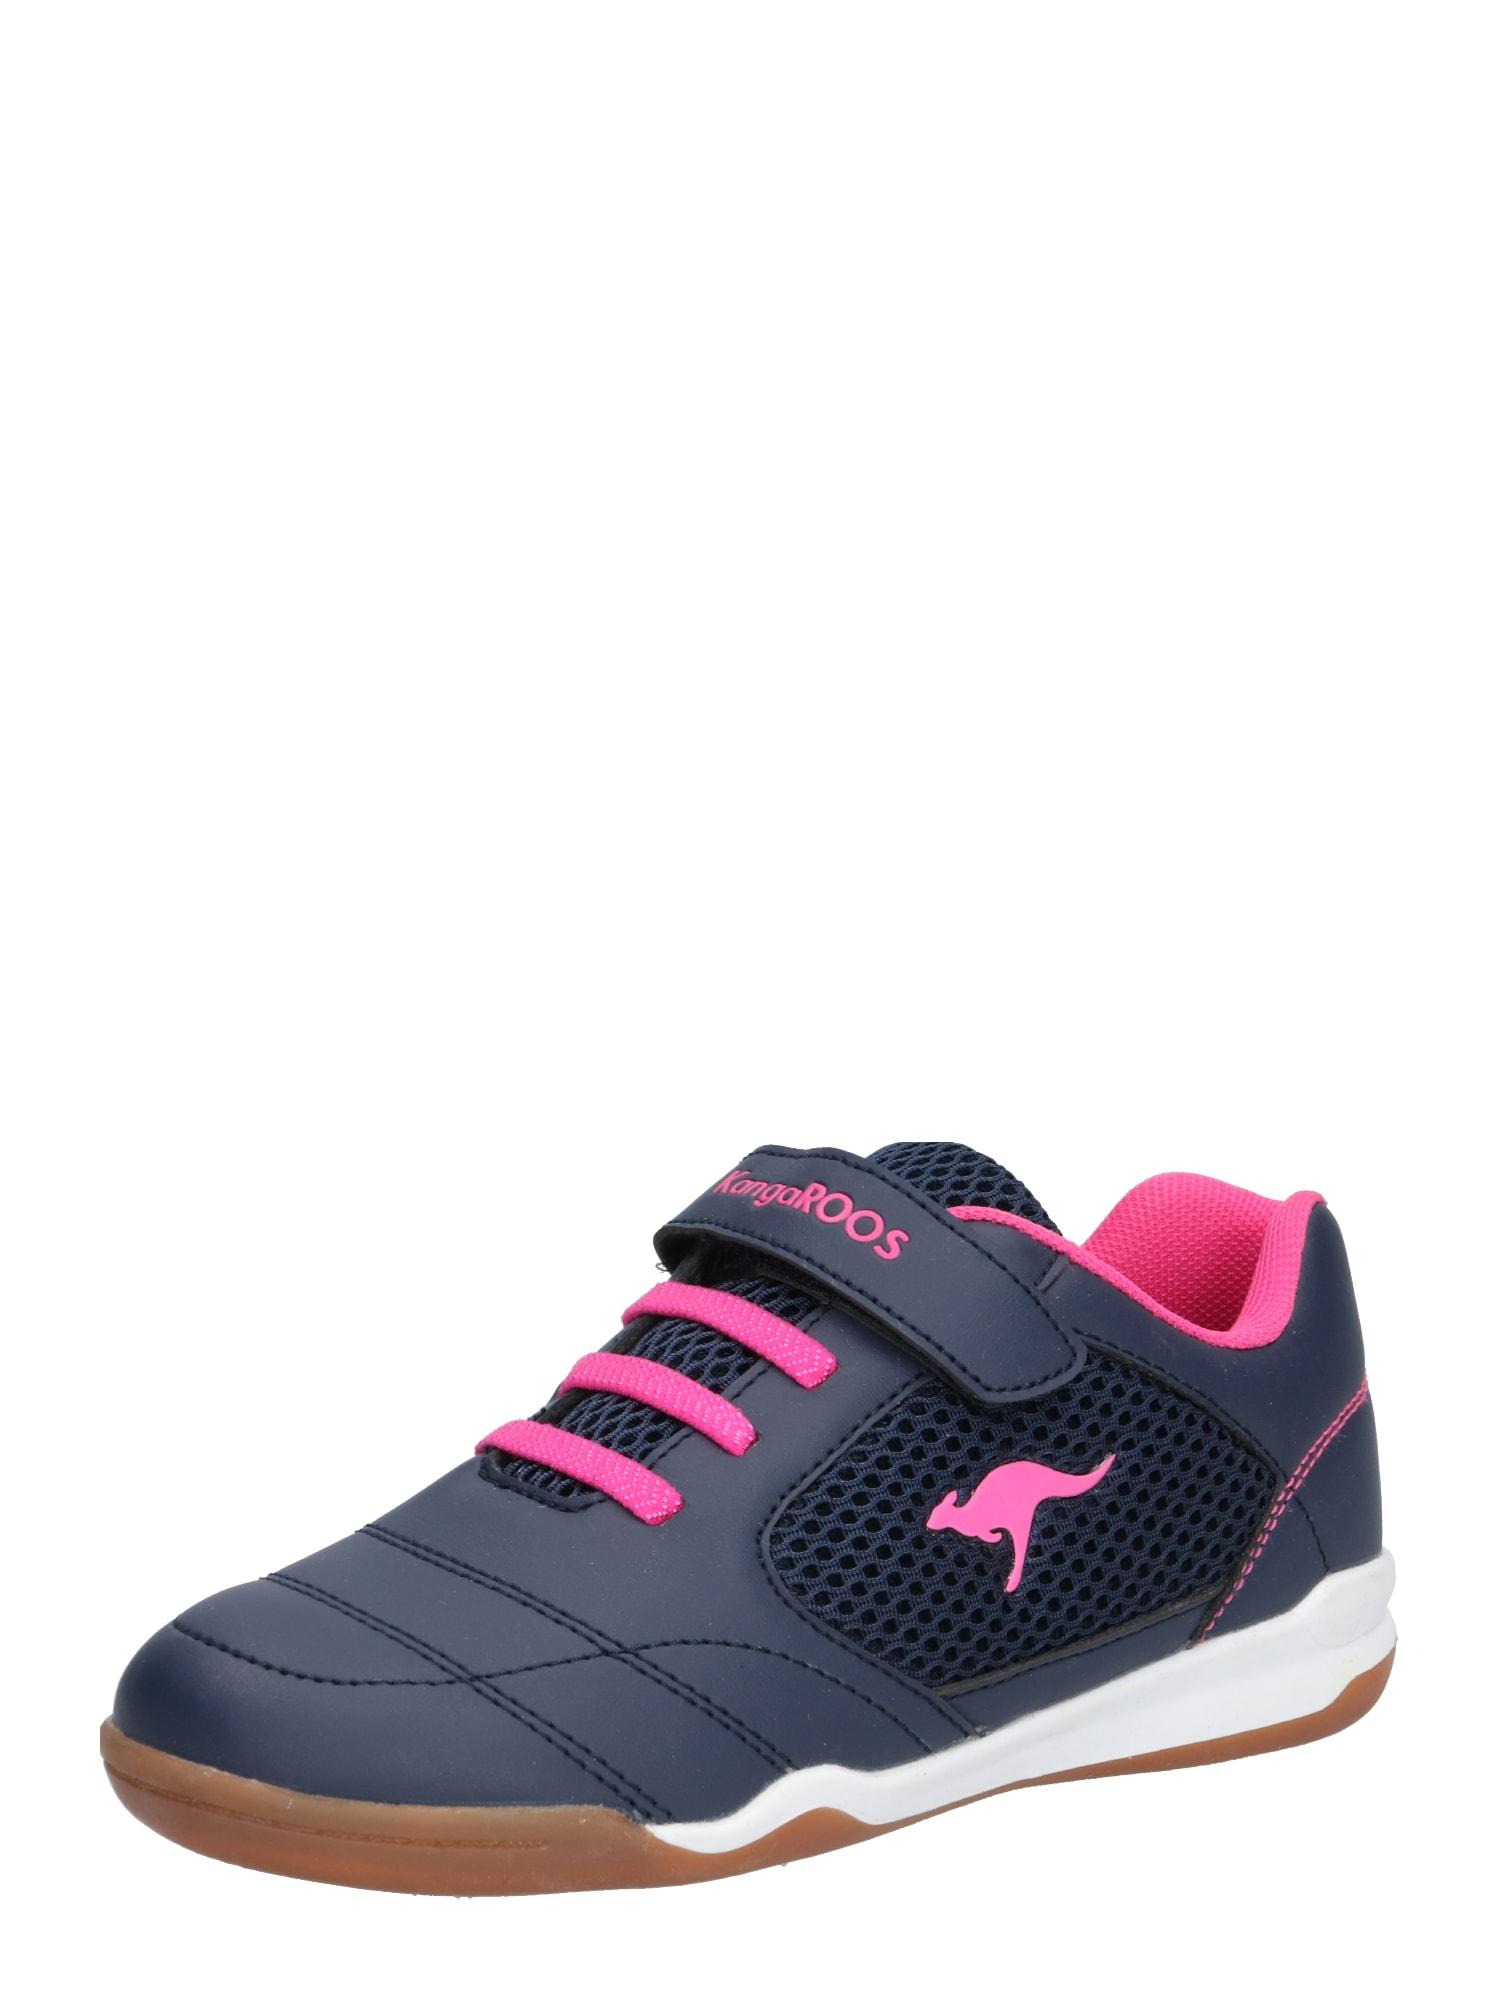 Tenisky námořnická modř pink KangaROOS